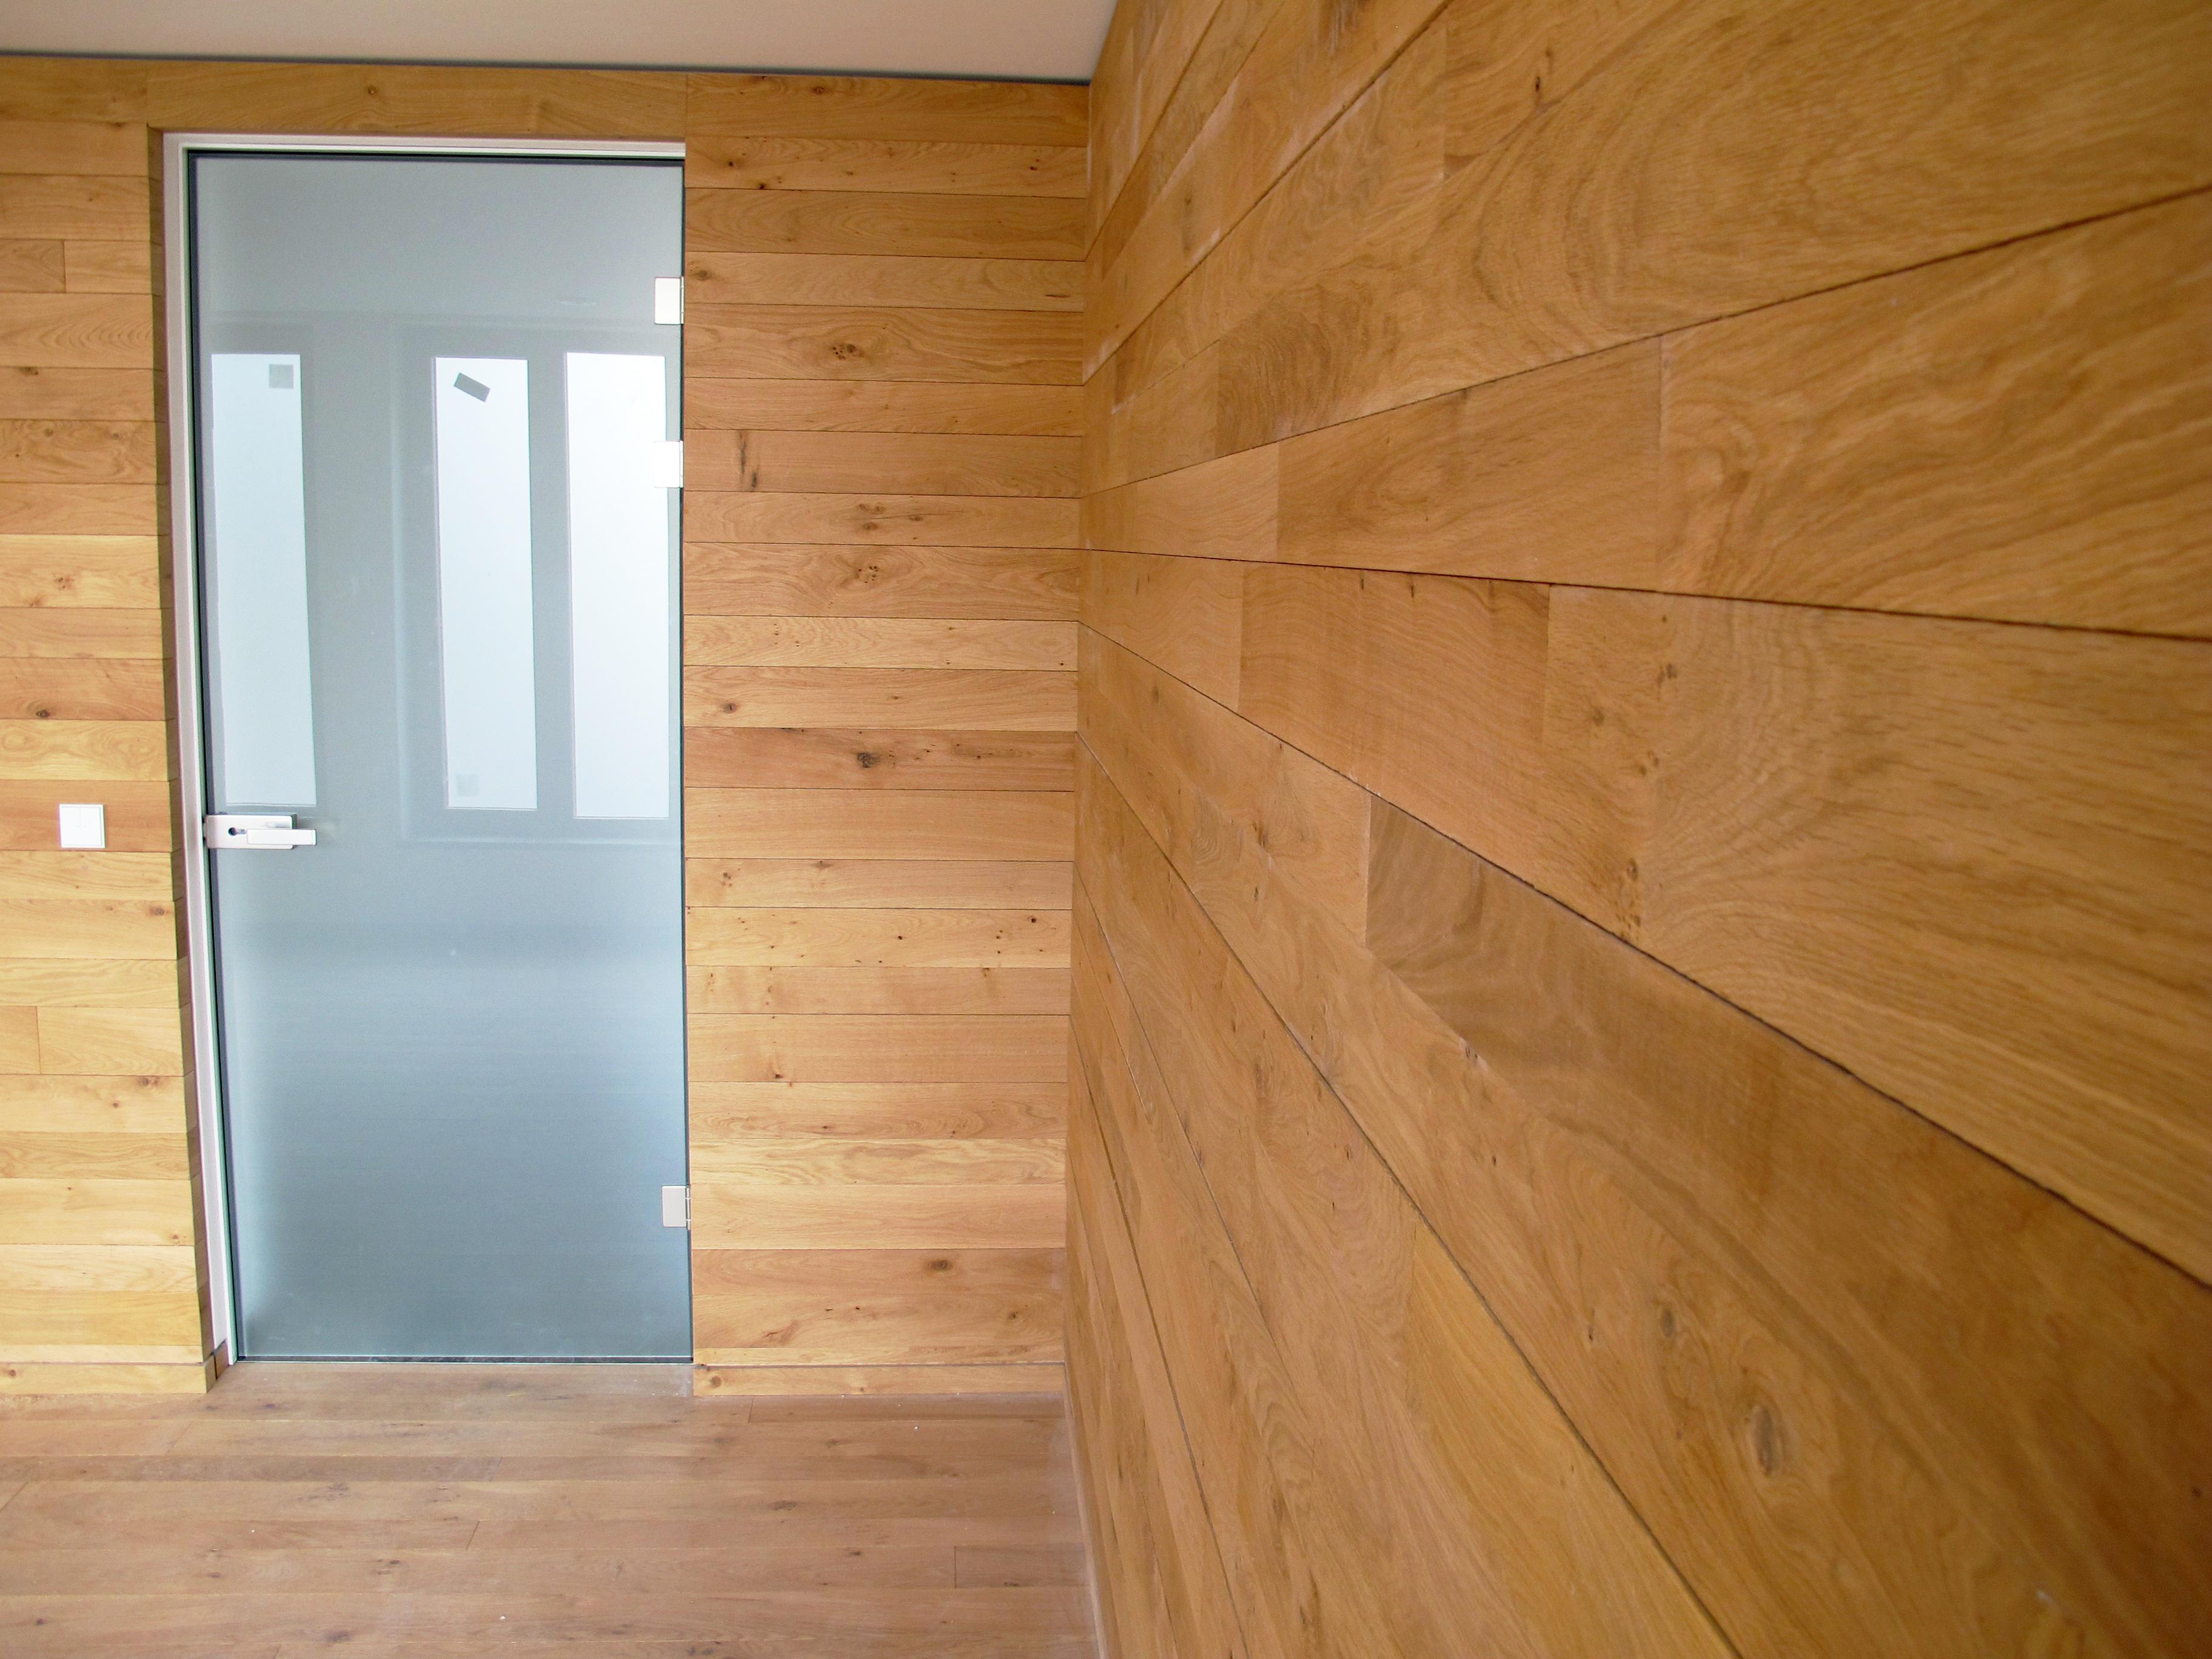 Zimmertüren - Glastüre mit Sonderzarge